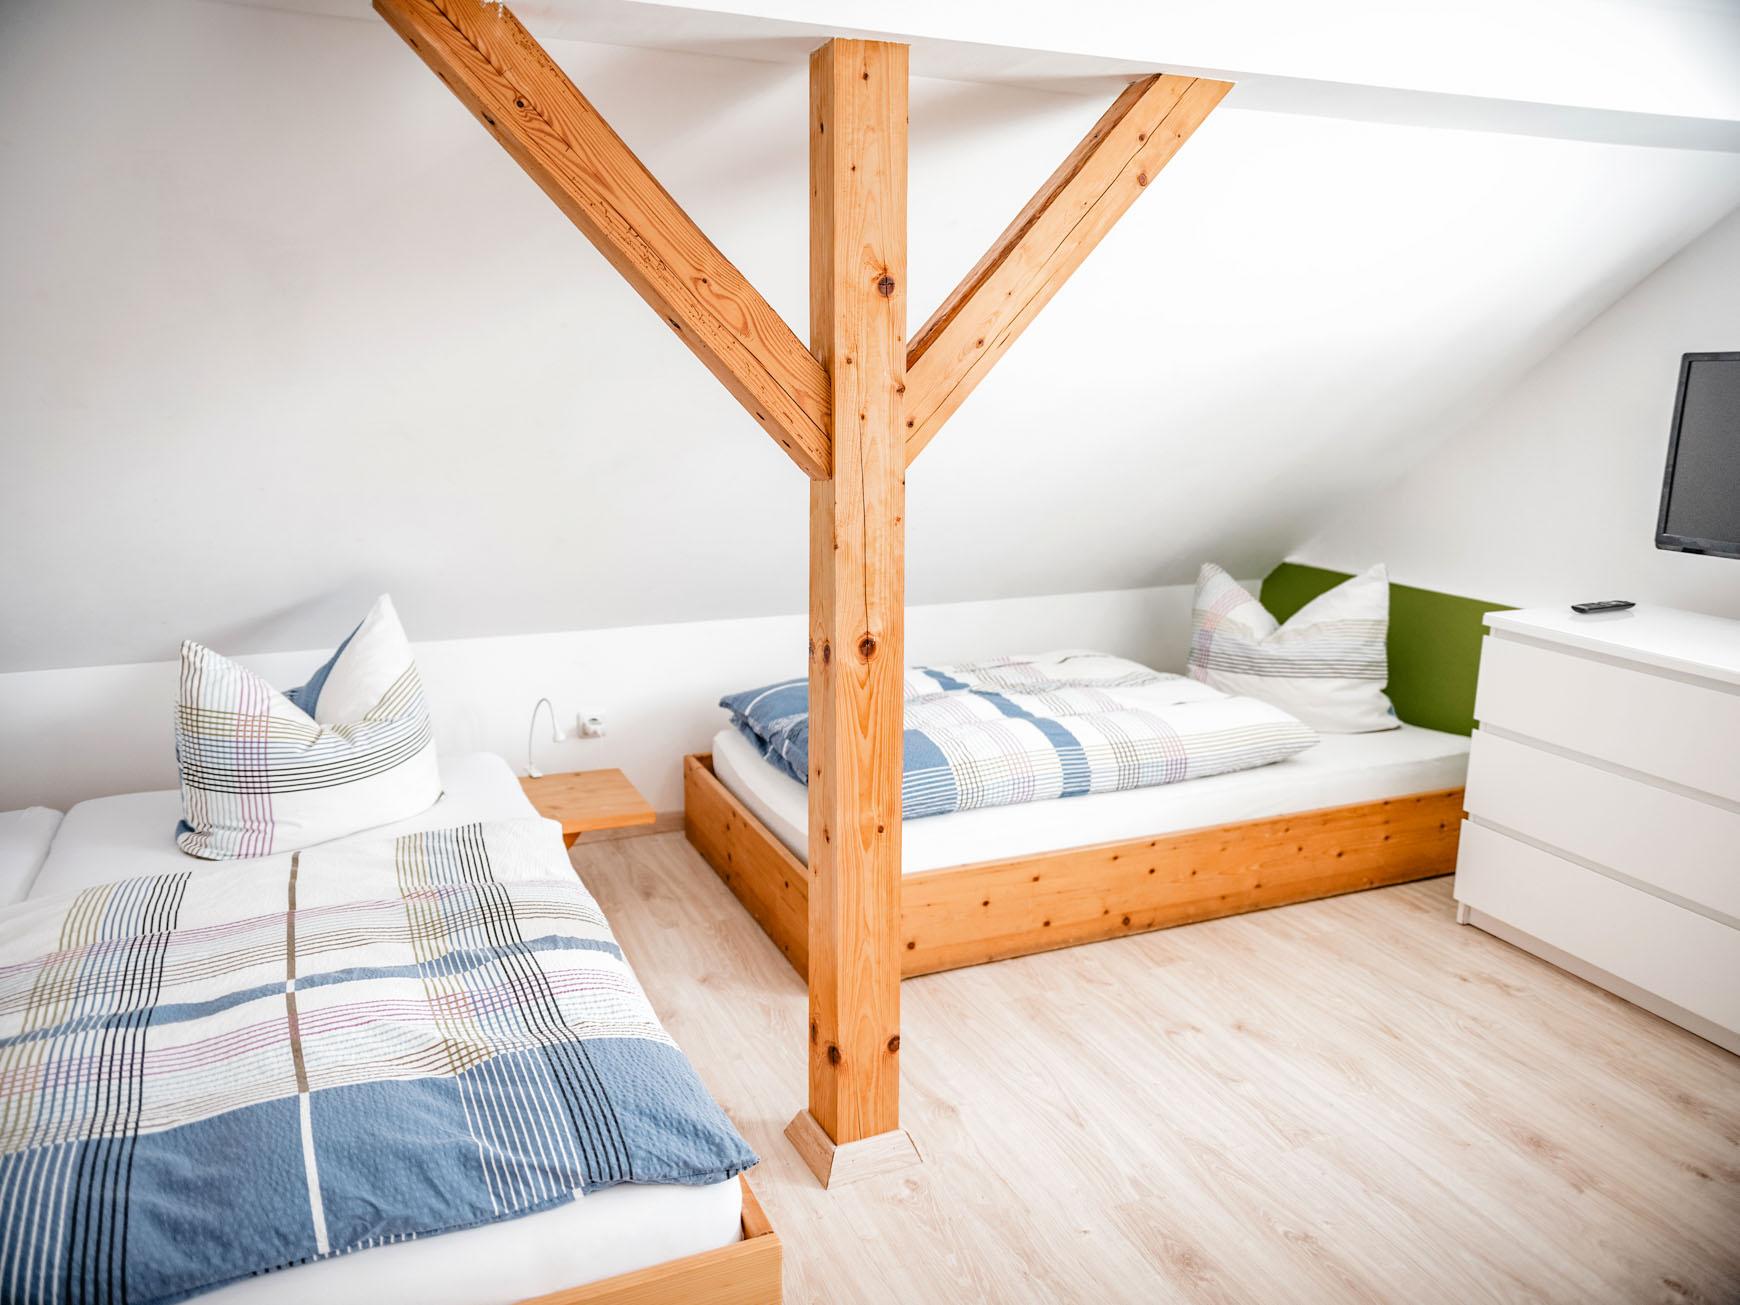 Ferienwohnung - Mehrbettzimmer